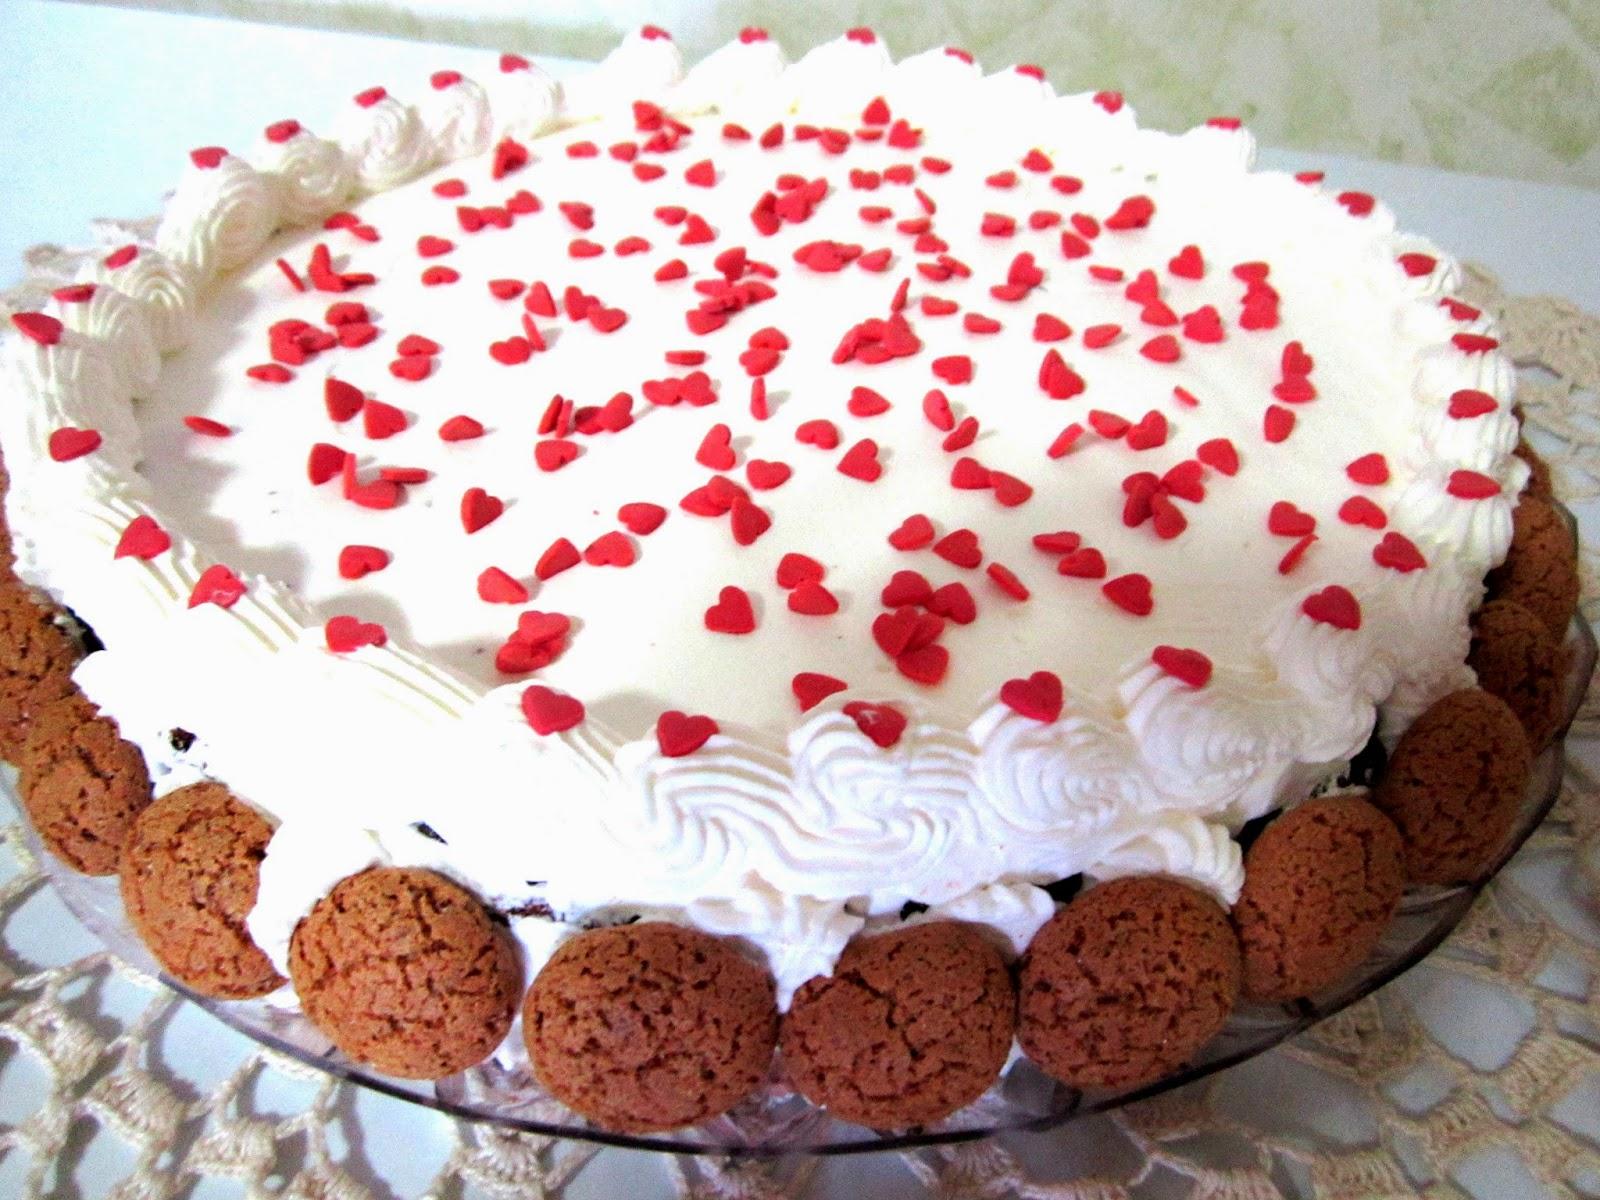 Facili Idee Cheesecake Allitaliana Con Mascarpone E Nutella